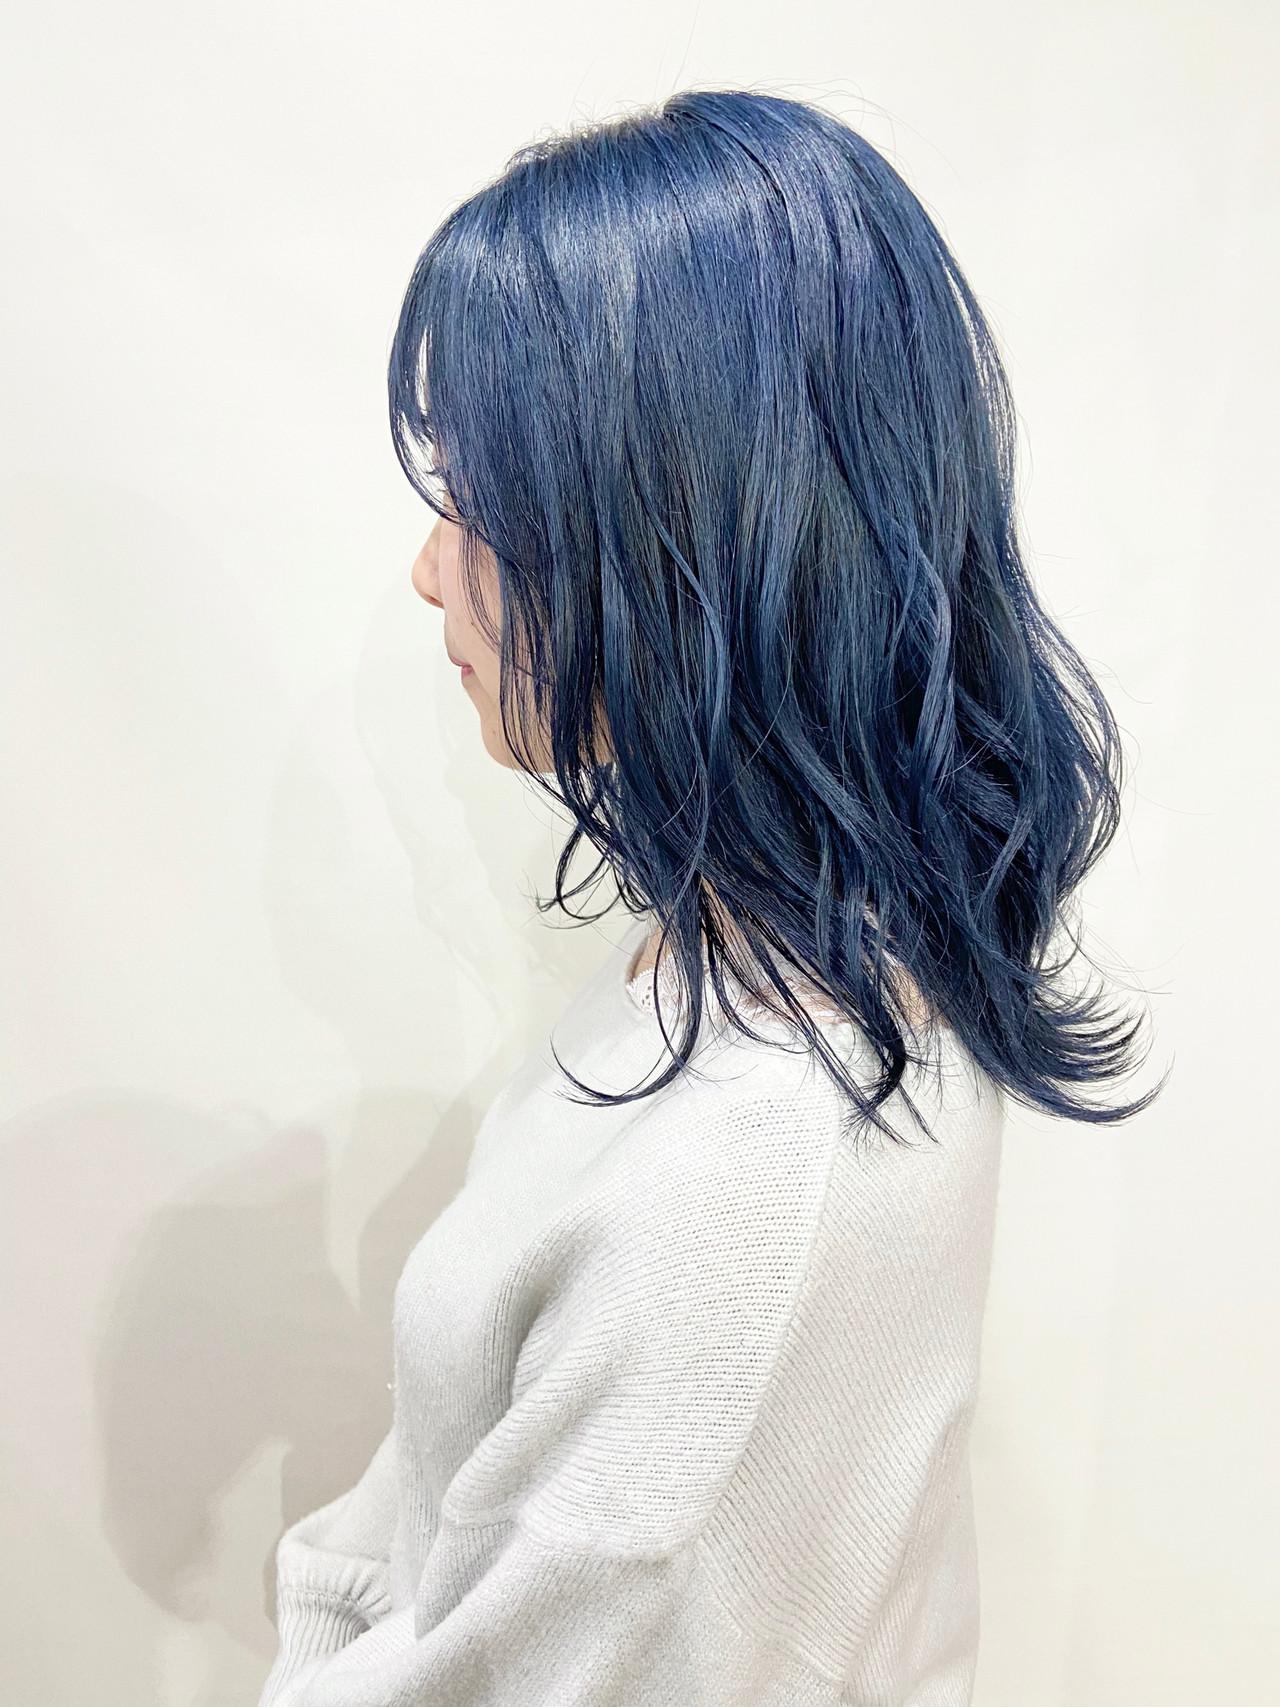 コリアンネイビー ロング ネイビーブルー ストリート ヘアスタイルや髪型の写真・画像